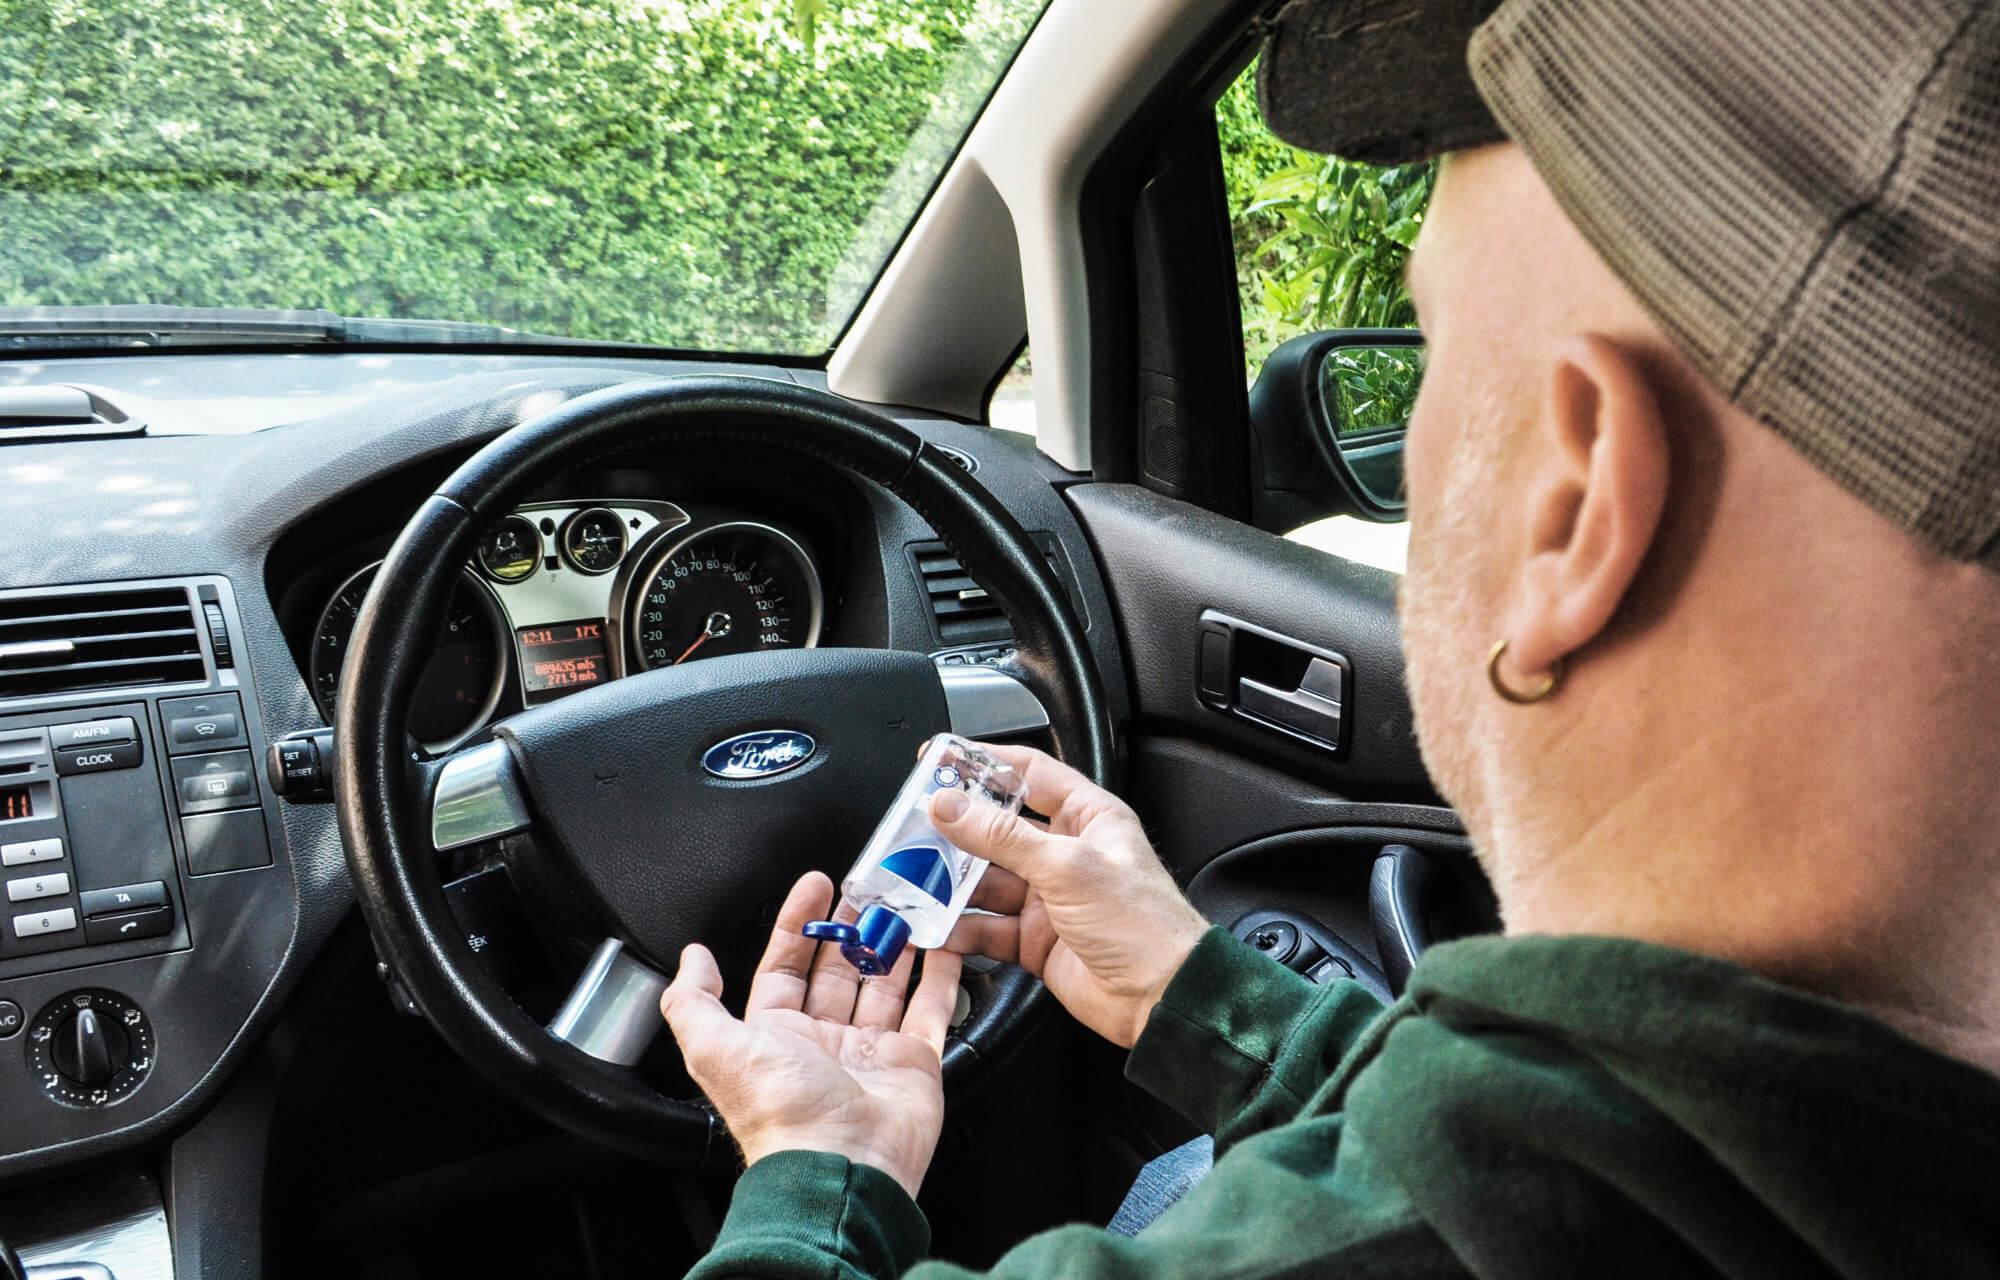 Hogyan óvja a Ford az autója utasterét, miközben Ön a saját egészségét óvja?